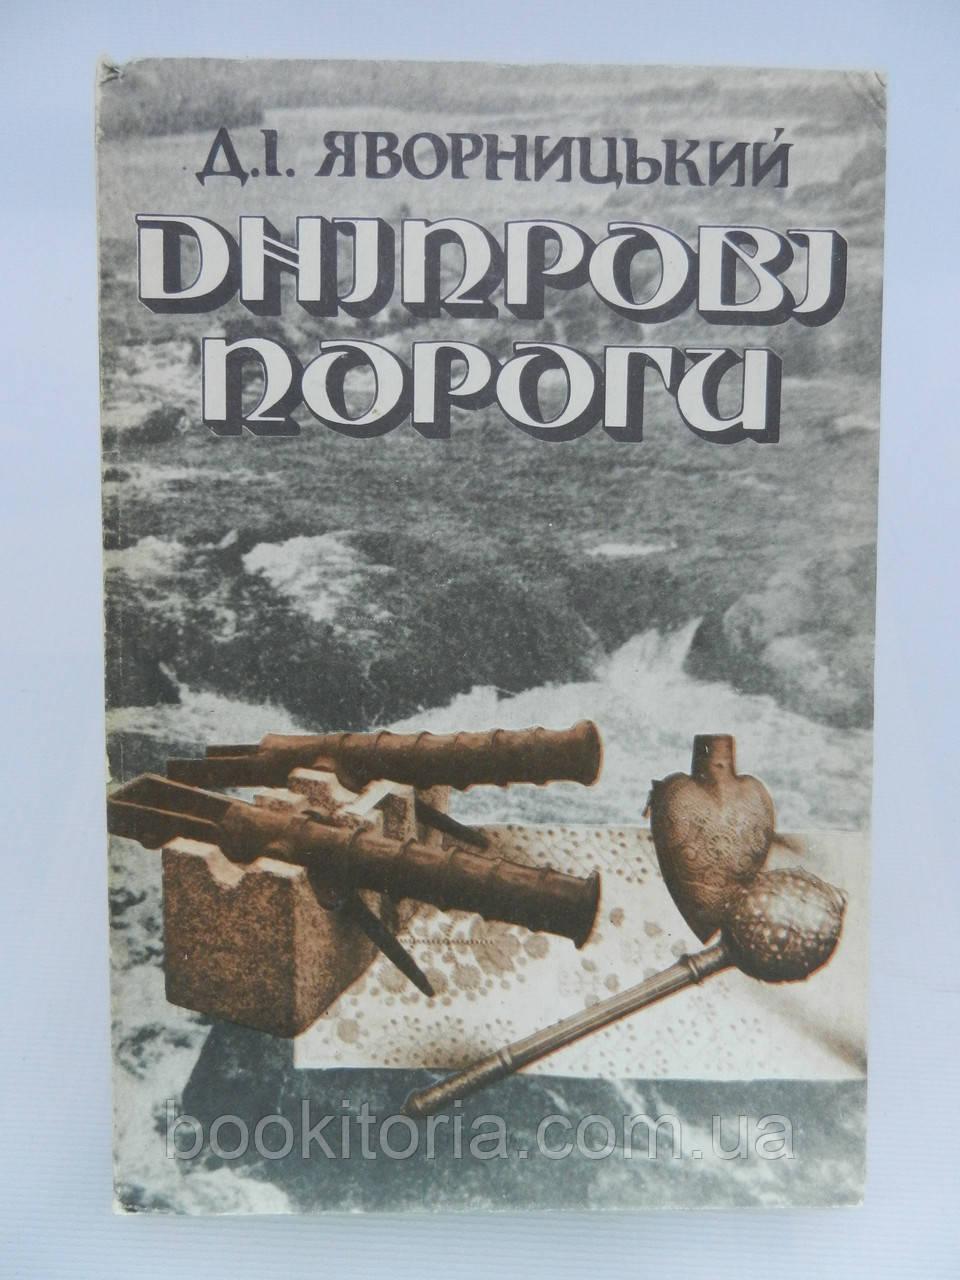 Яворницький Д.І. Дніпрові пороги (б/у).